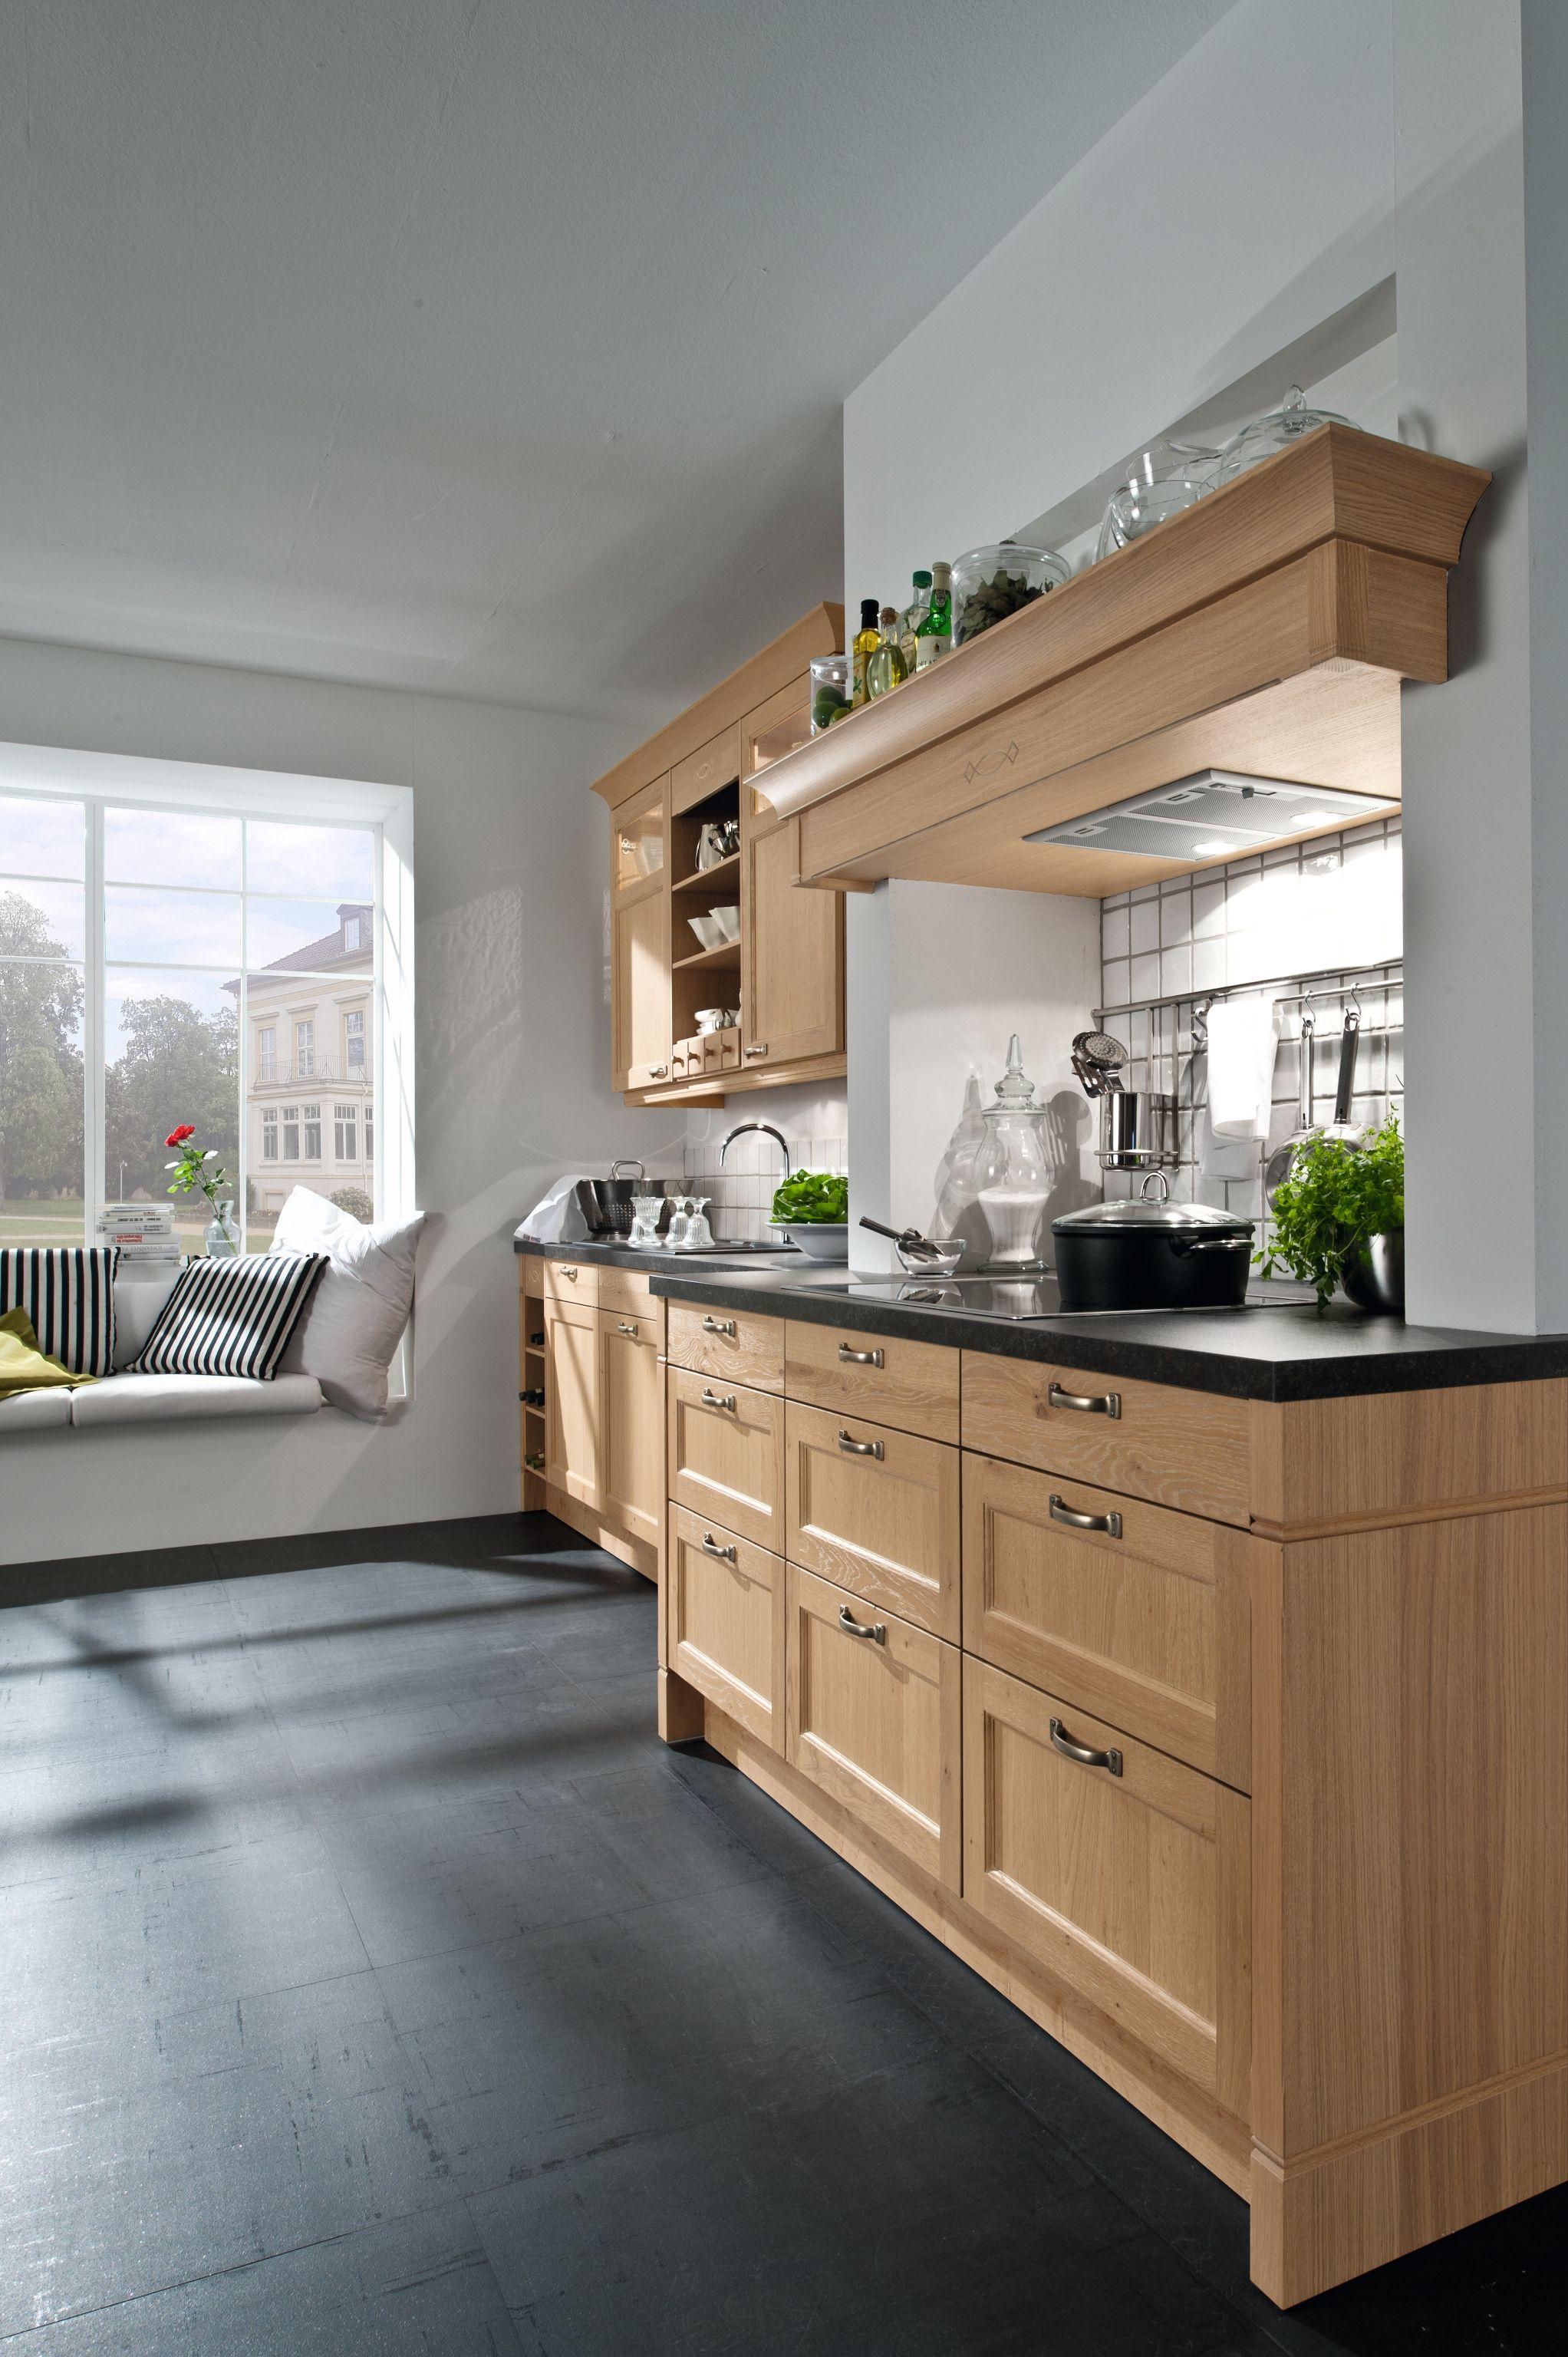 klassieke hacker systemat keuken leverbaar in veel kleuren voor meer inspiratie kijk op www. Black Bedroom Furniture Sets. Home Design Ideas